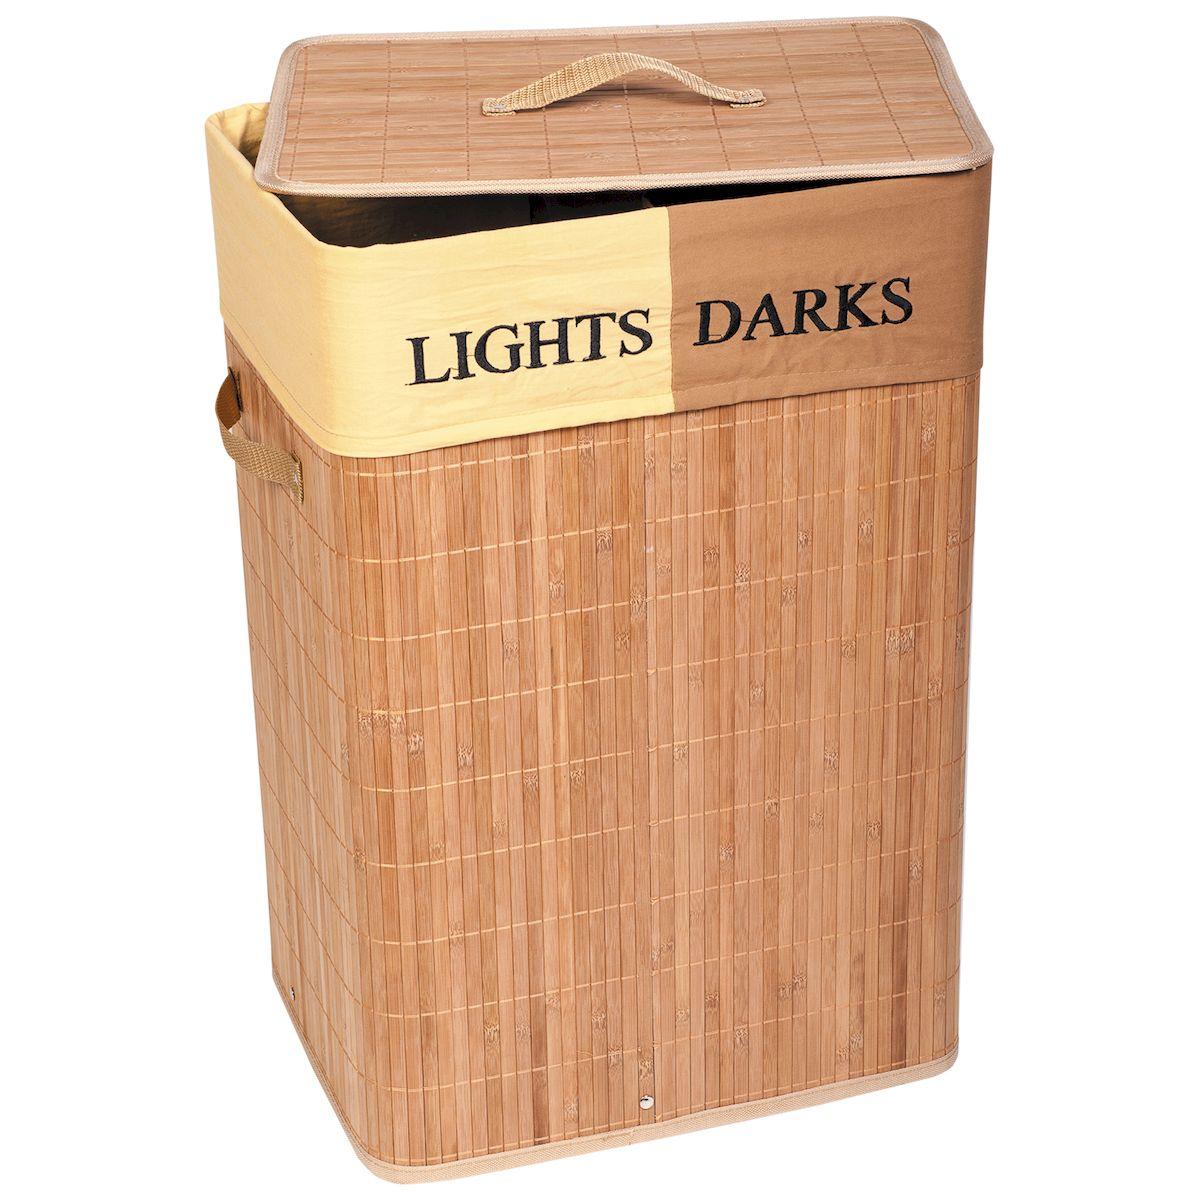 Корзина для белья Tatkraft DAKOTA, со съемным чехлом, с двумя отделениями, 72 л15272Корзина для белья Tatkraft DAKOTA - большая бамбуковая корзина для белья со съемным текстильным чехлом с отделениями для темного и светлого 72 л.Натуральный бамбук походит для помещений с высокой влажностью, обладает дезодорирующими и антисептическими свойствами, Съемный чехол легко мытьУдобная крышка с ручкой, боковые ручки, цвета натурального дерева впишутся в любой интерьер.